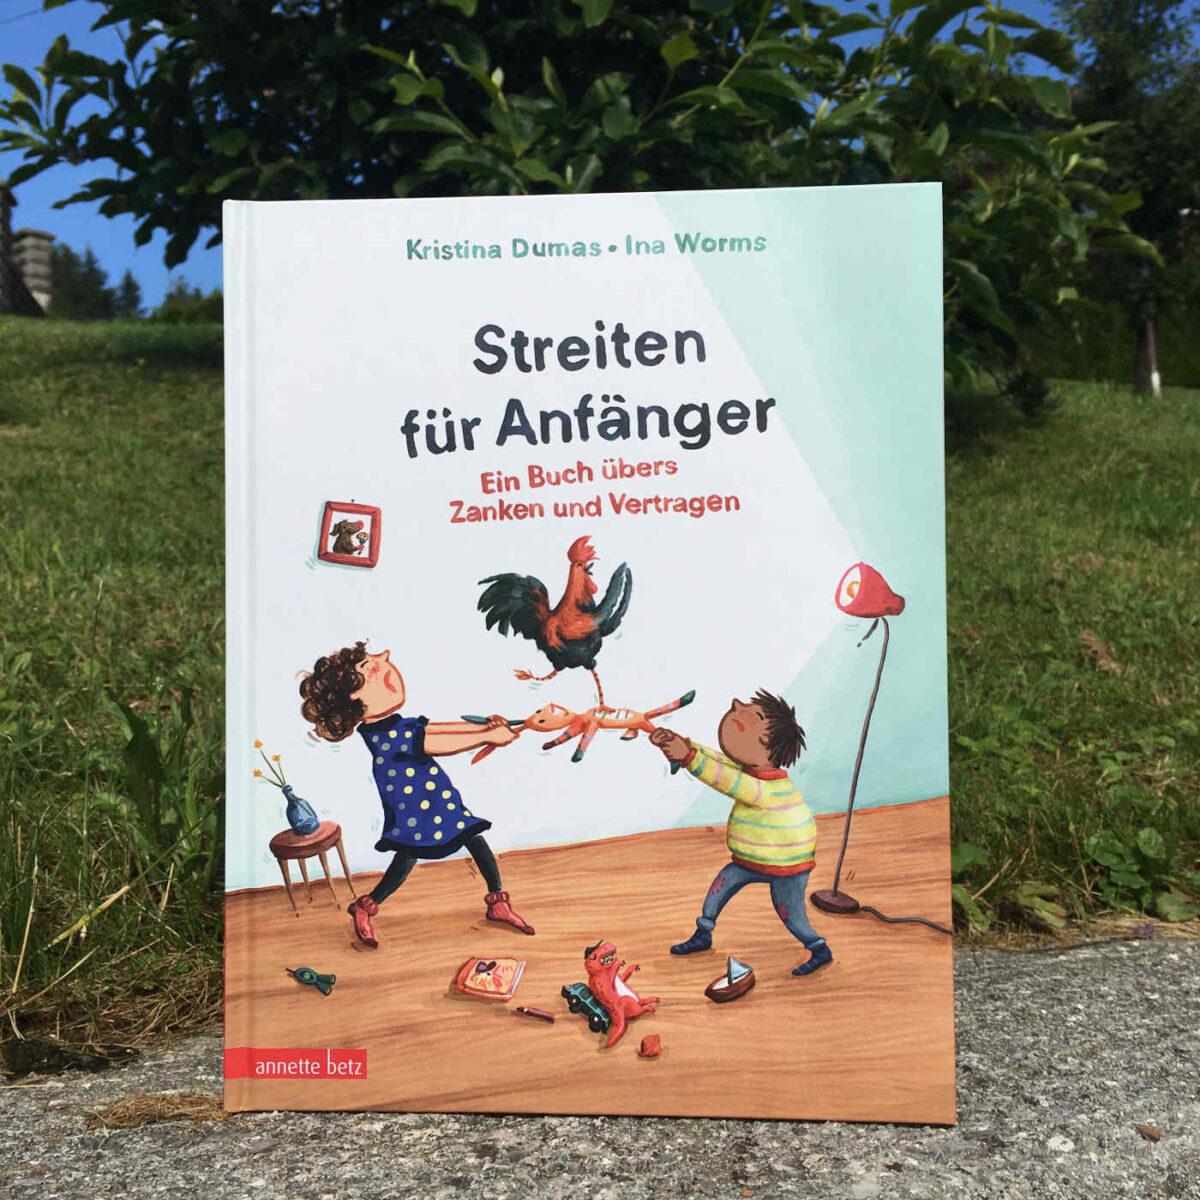 Kristina Dumas und Ina Worms: Streiten für Anfänger